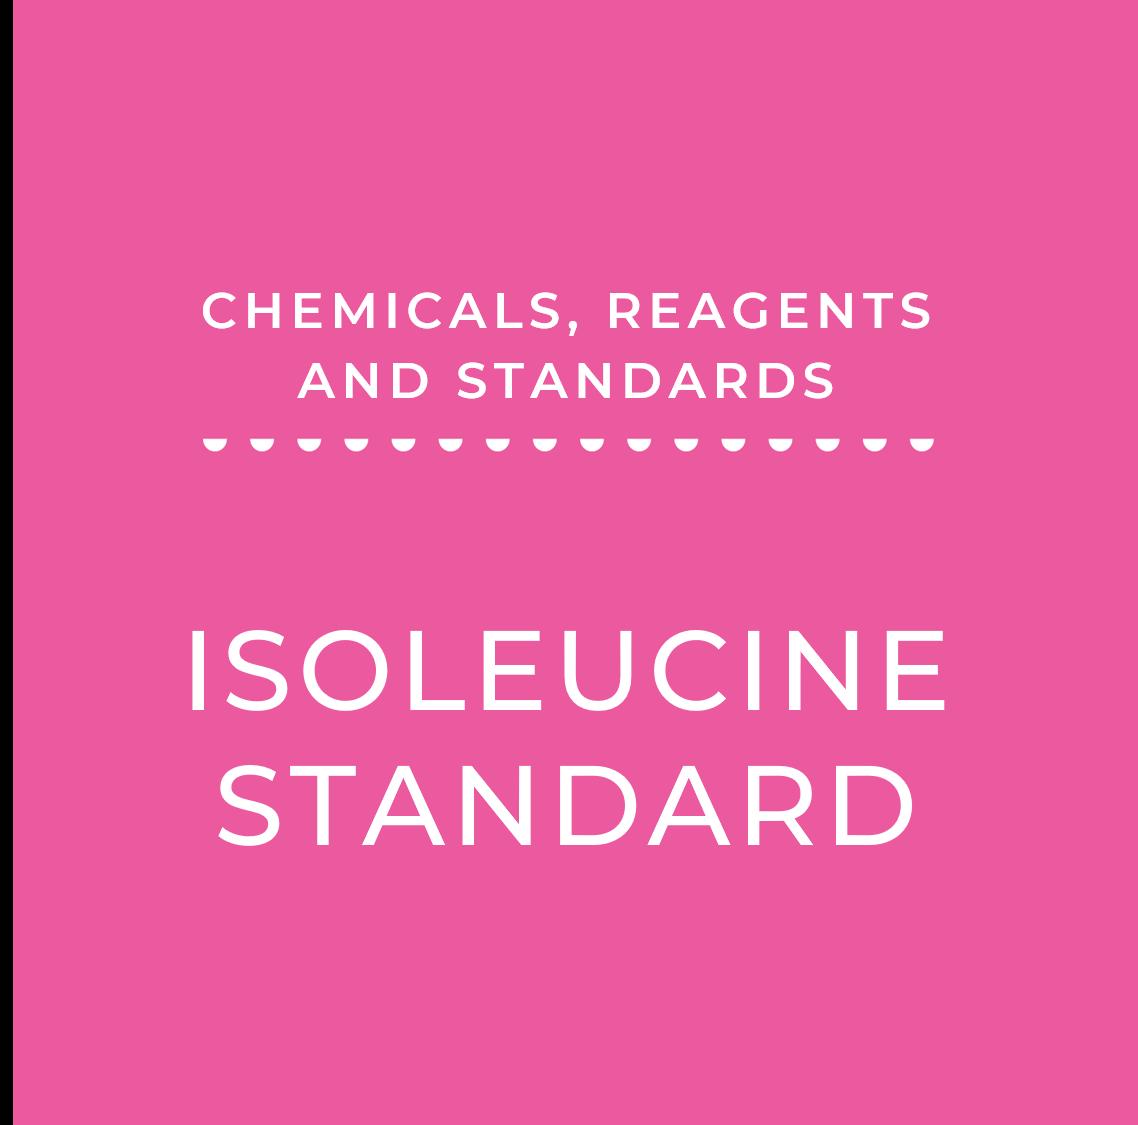 Isoleucine Standard, 10mM